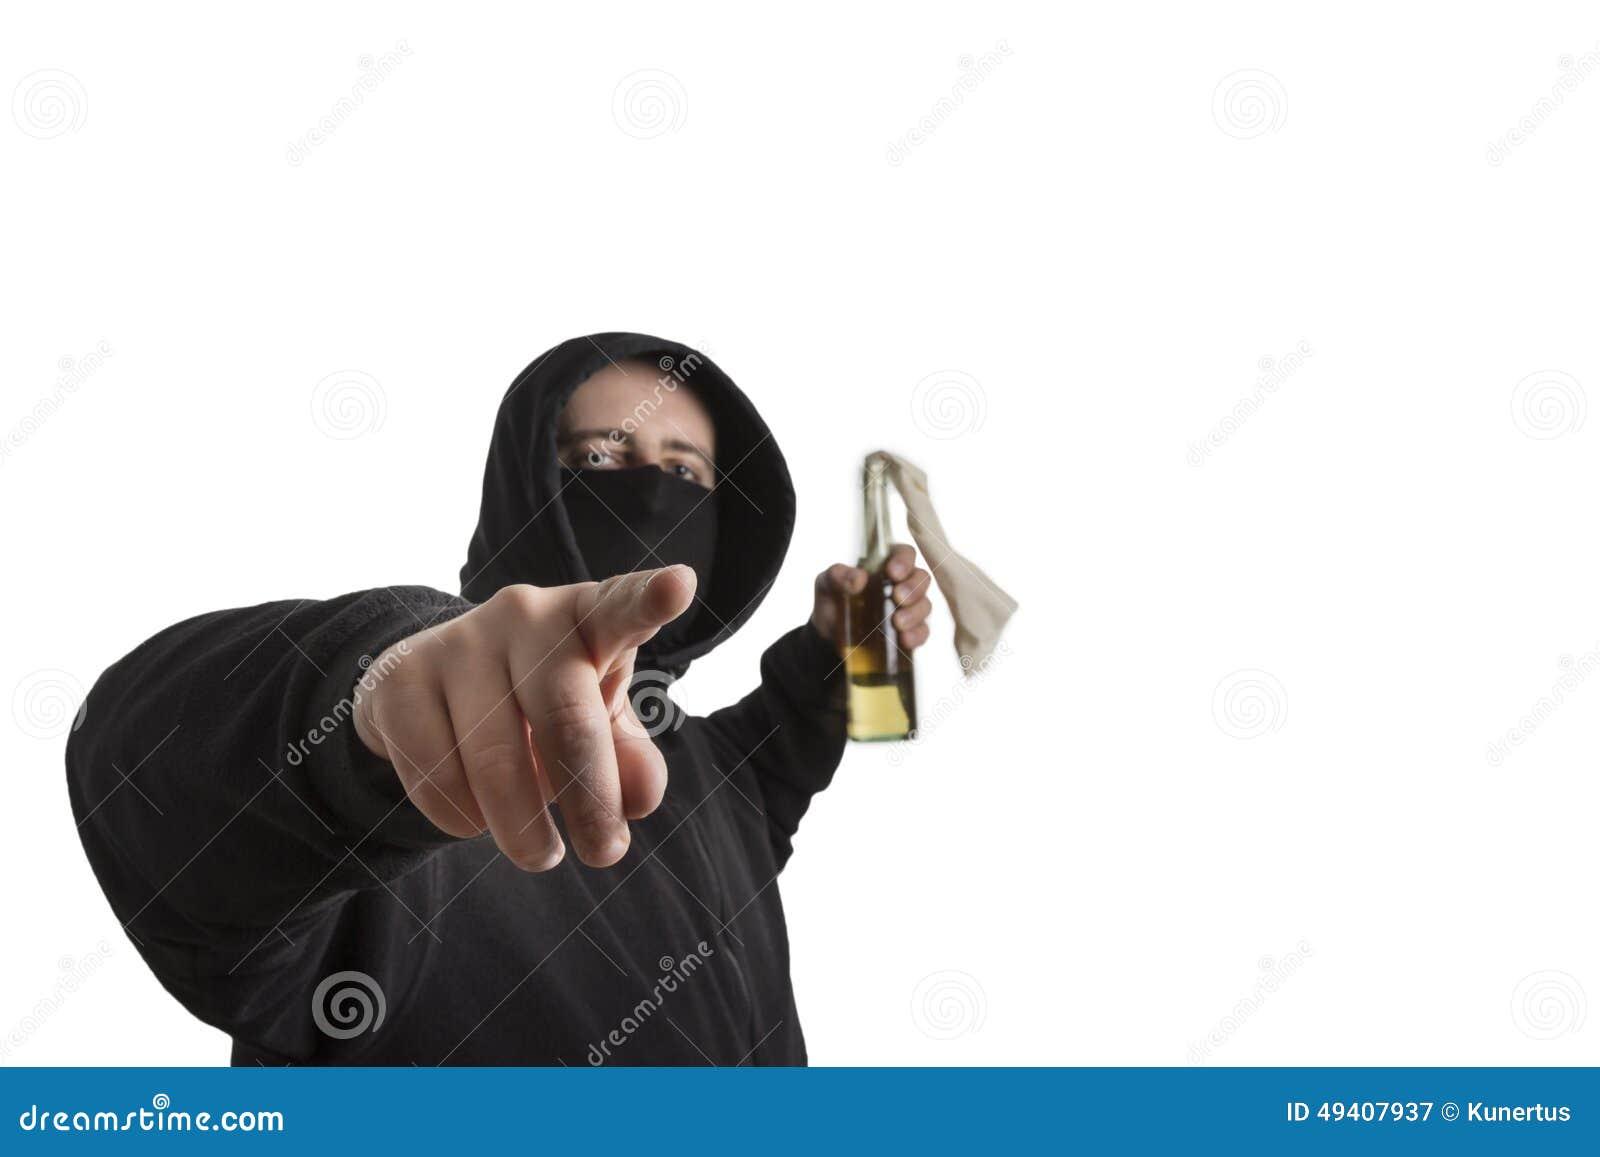 Download Schwarzer Blockgefährte Mit Molotowcocktail Stockbild - Bild von verkleidung, kriminell: 49407937